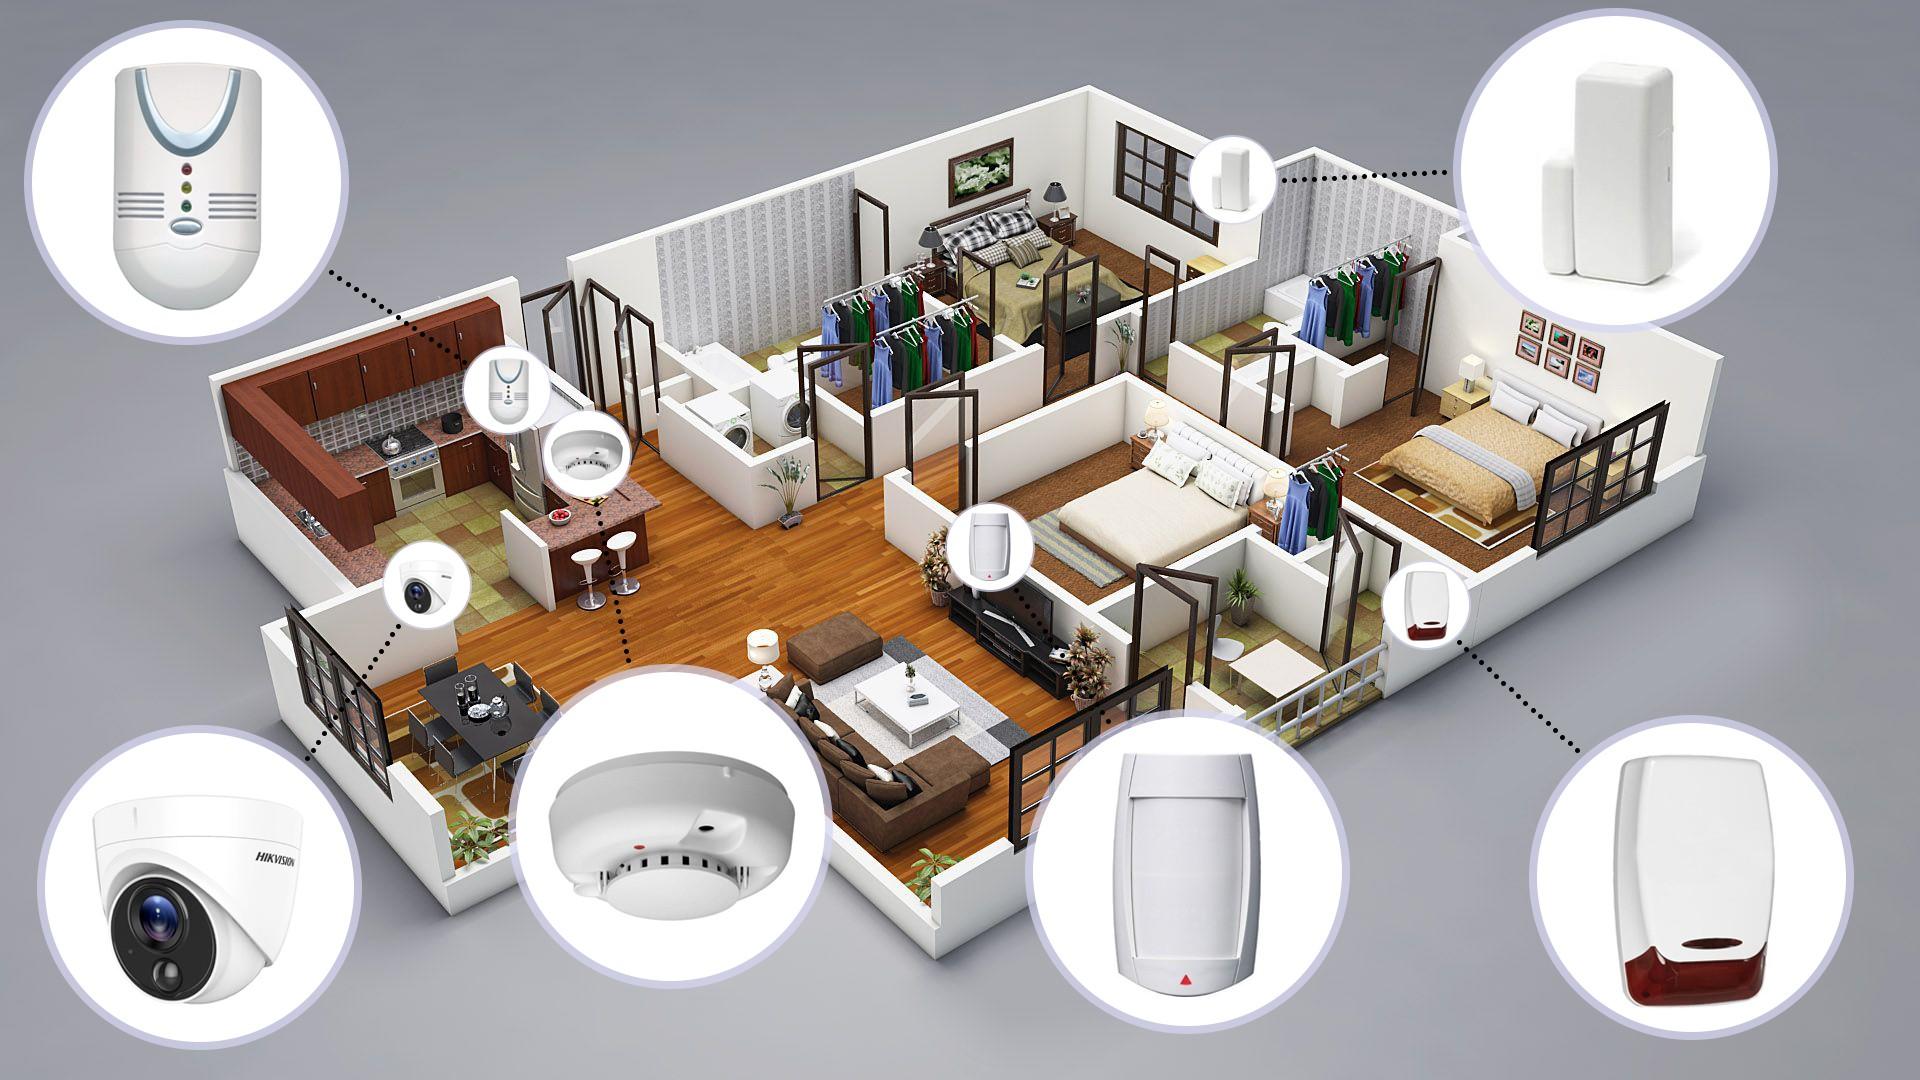 İdeal bir ev alarm sistemi nasıl olmalıdır?